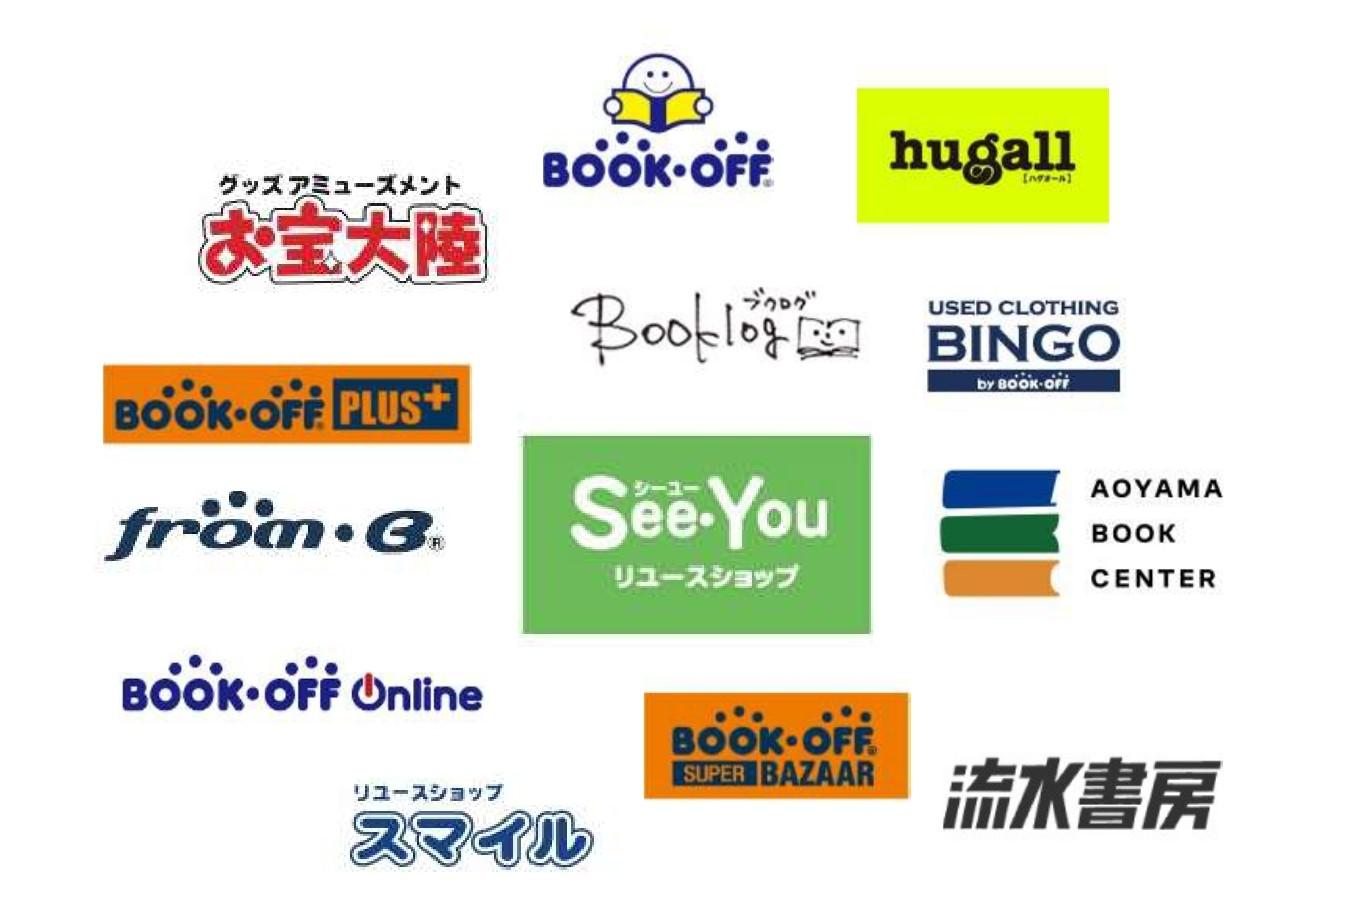 ブックオフサービスロゴ